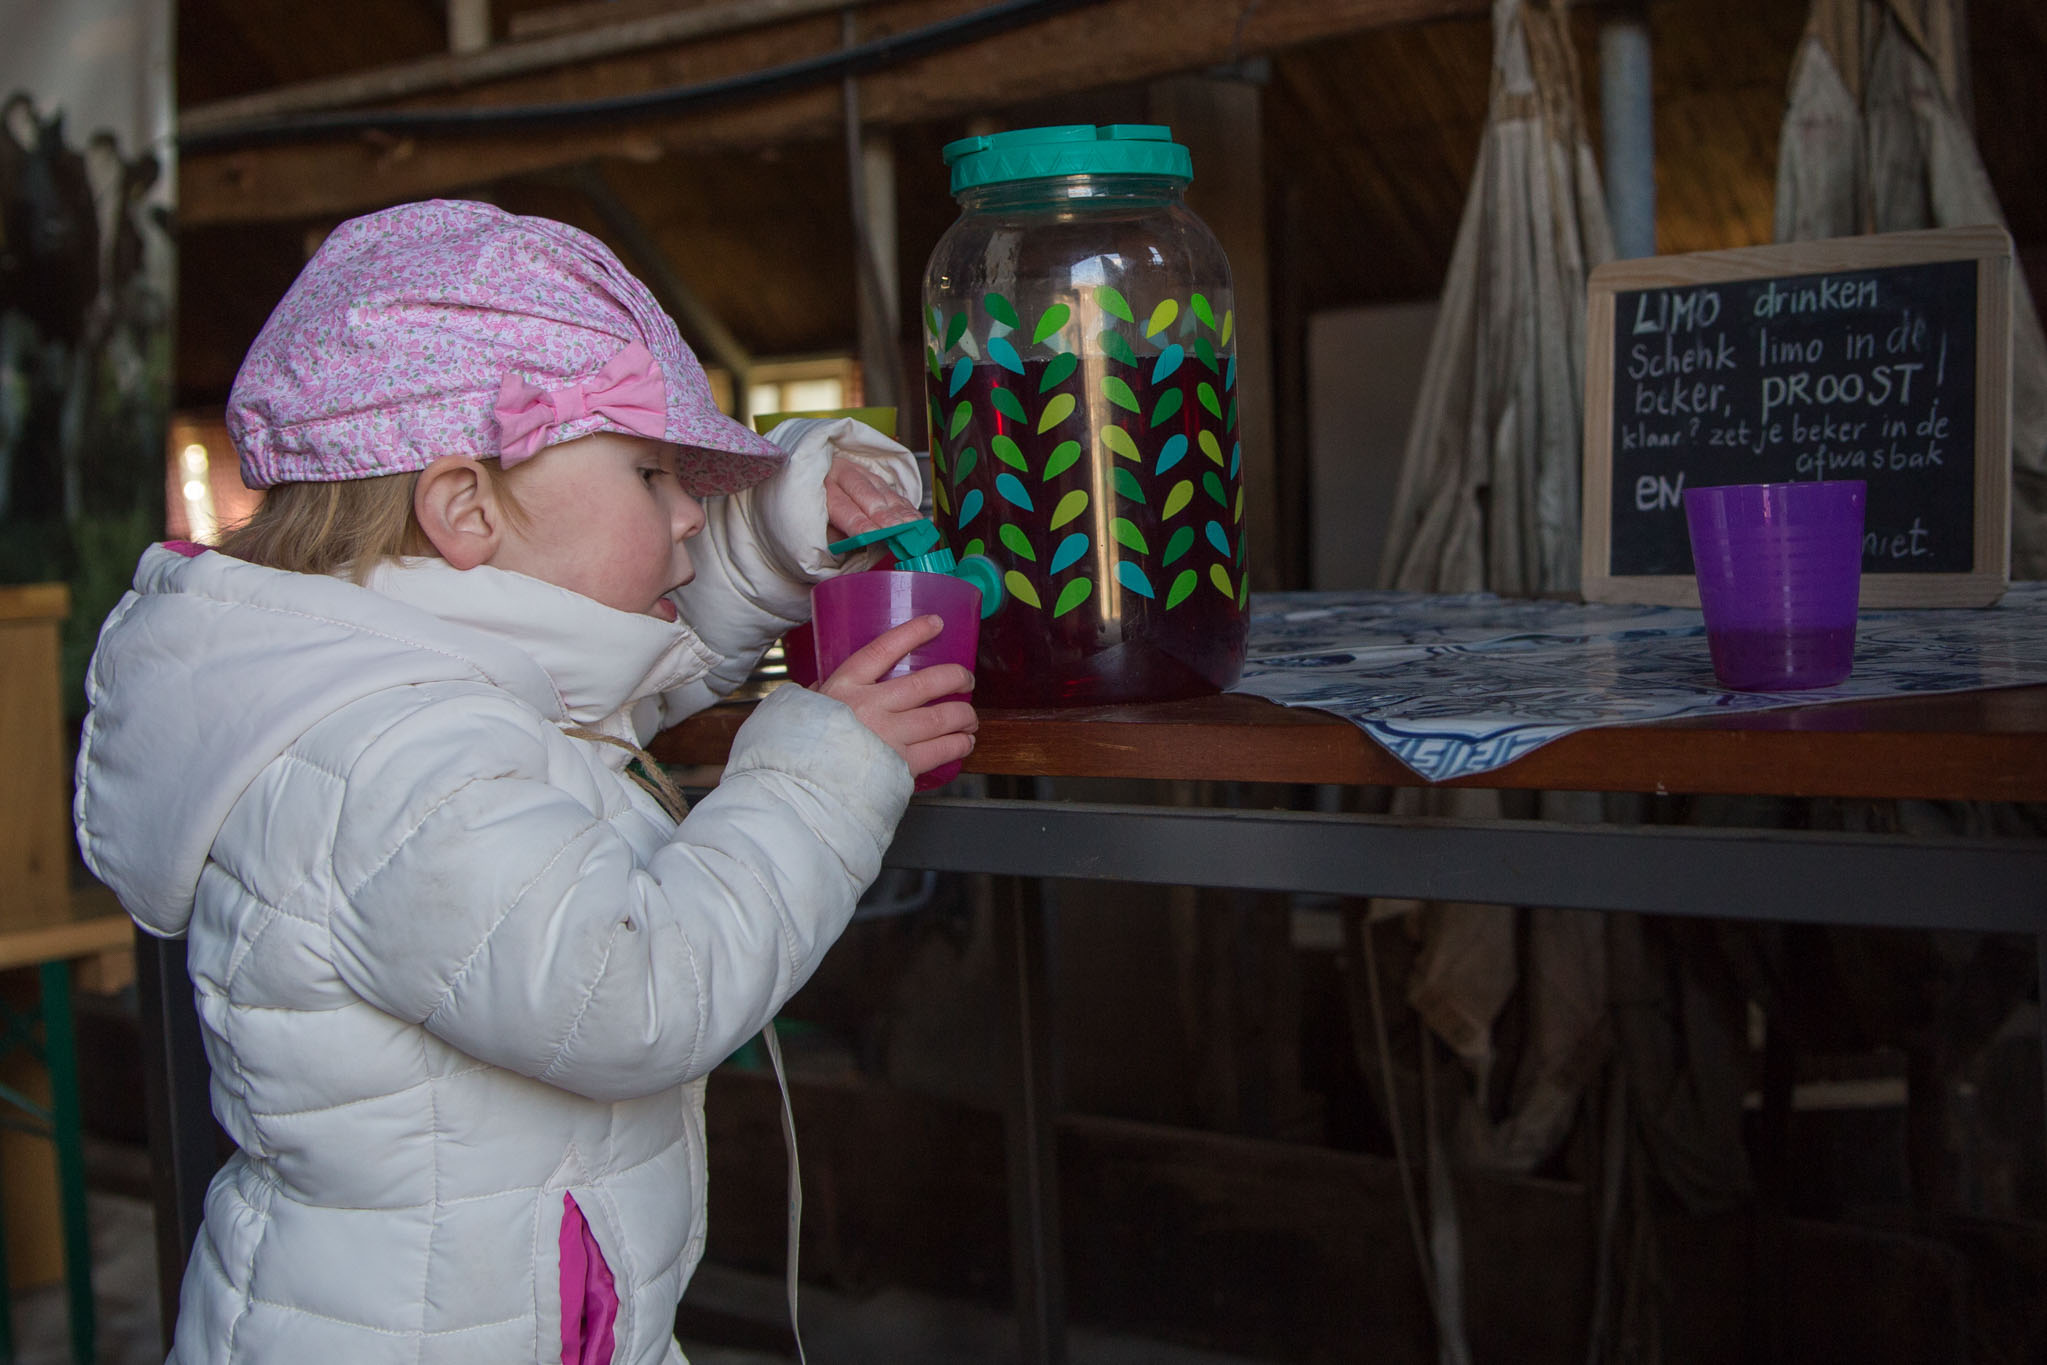 boerderij De Zonnewijzer Open dag limonade drinken